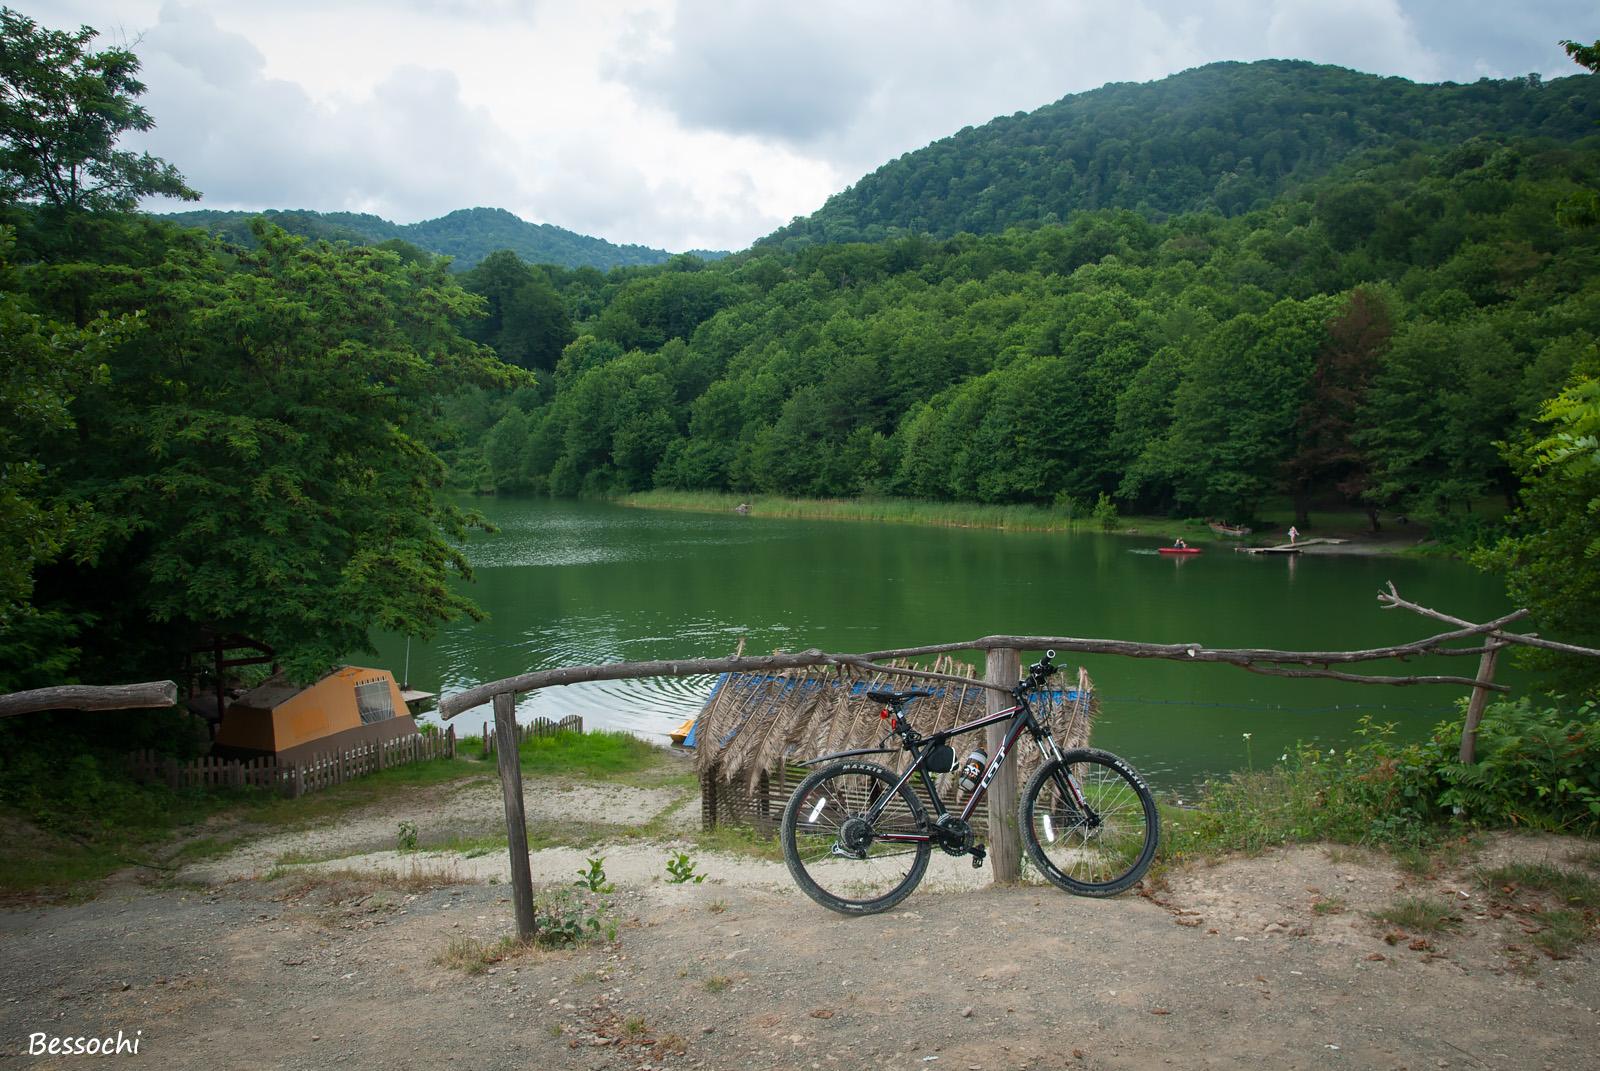 переход мне калиновое озеро сочи фото будущий